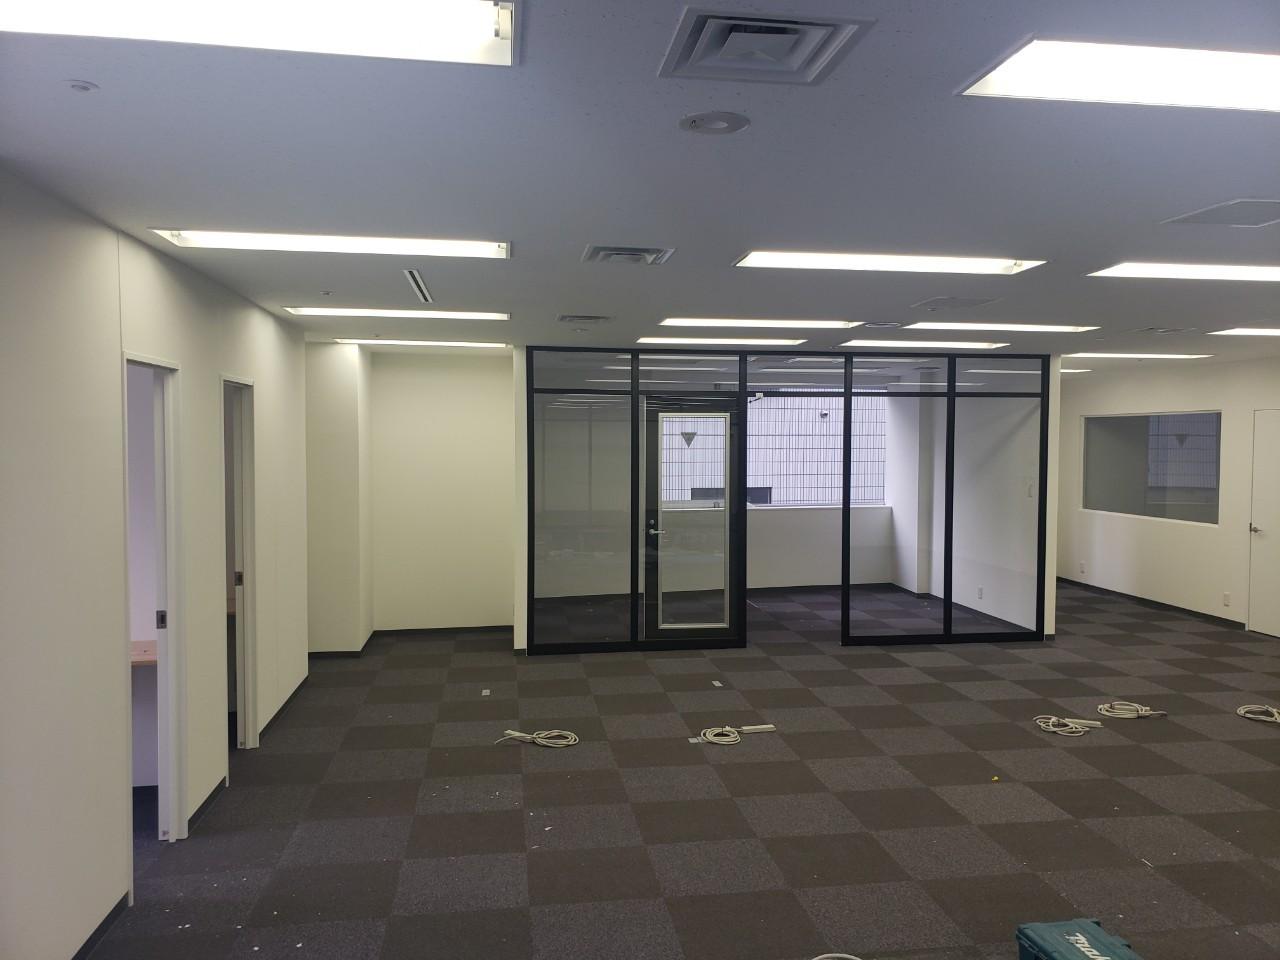 渋谷区ビルテナント内装工事4